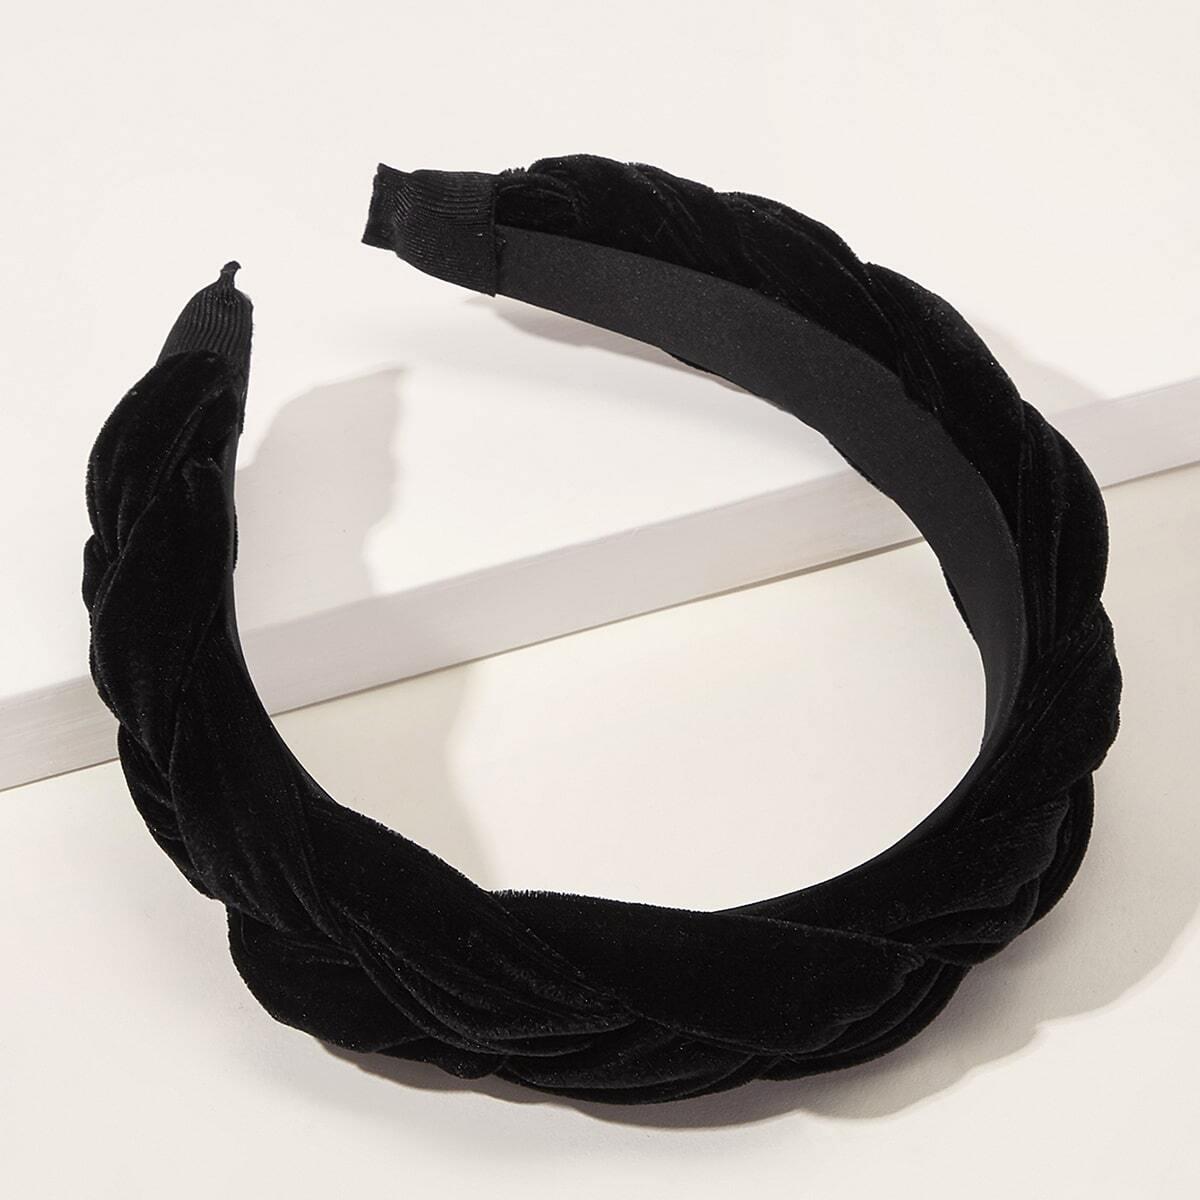 SHEIN / Samt Stirnband 1 Stück